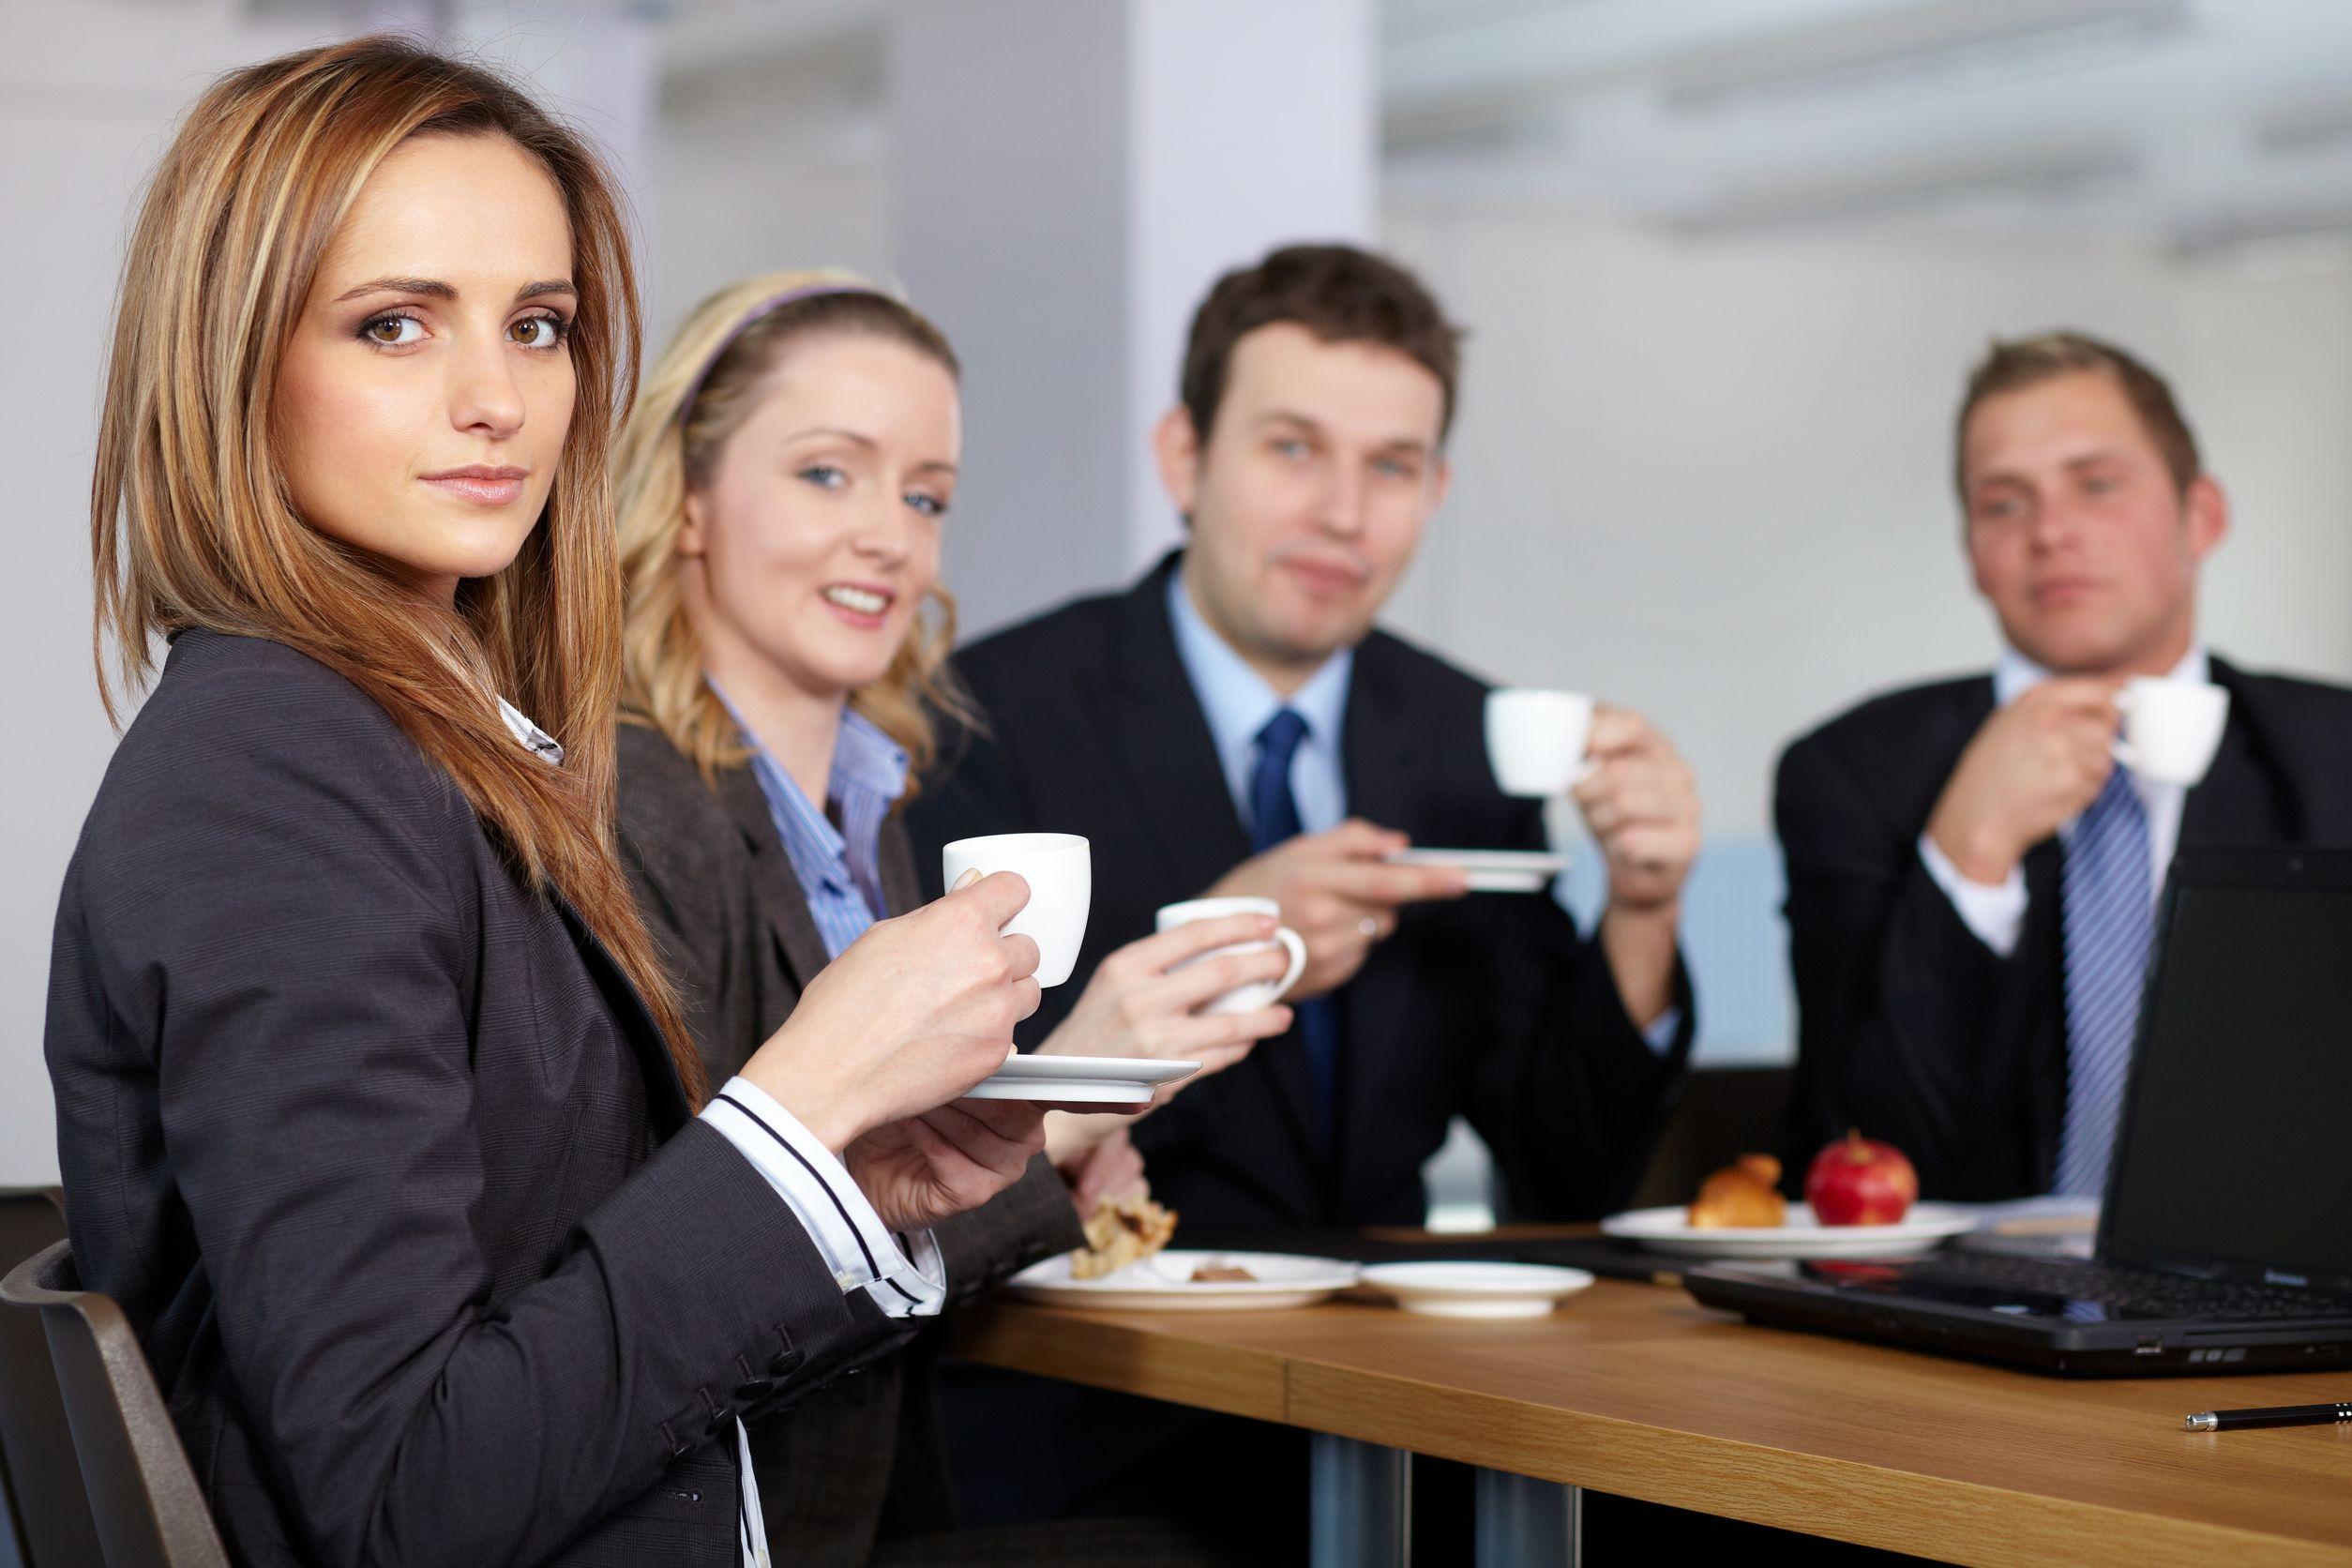 Офисные работники пьют чай